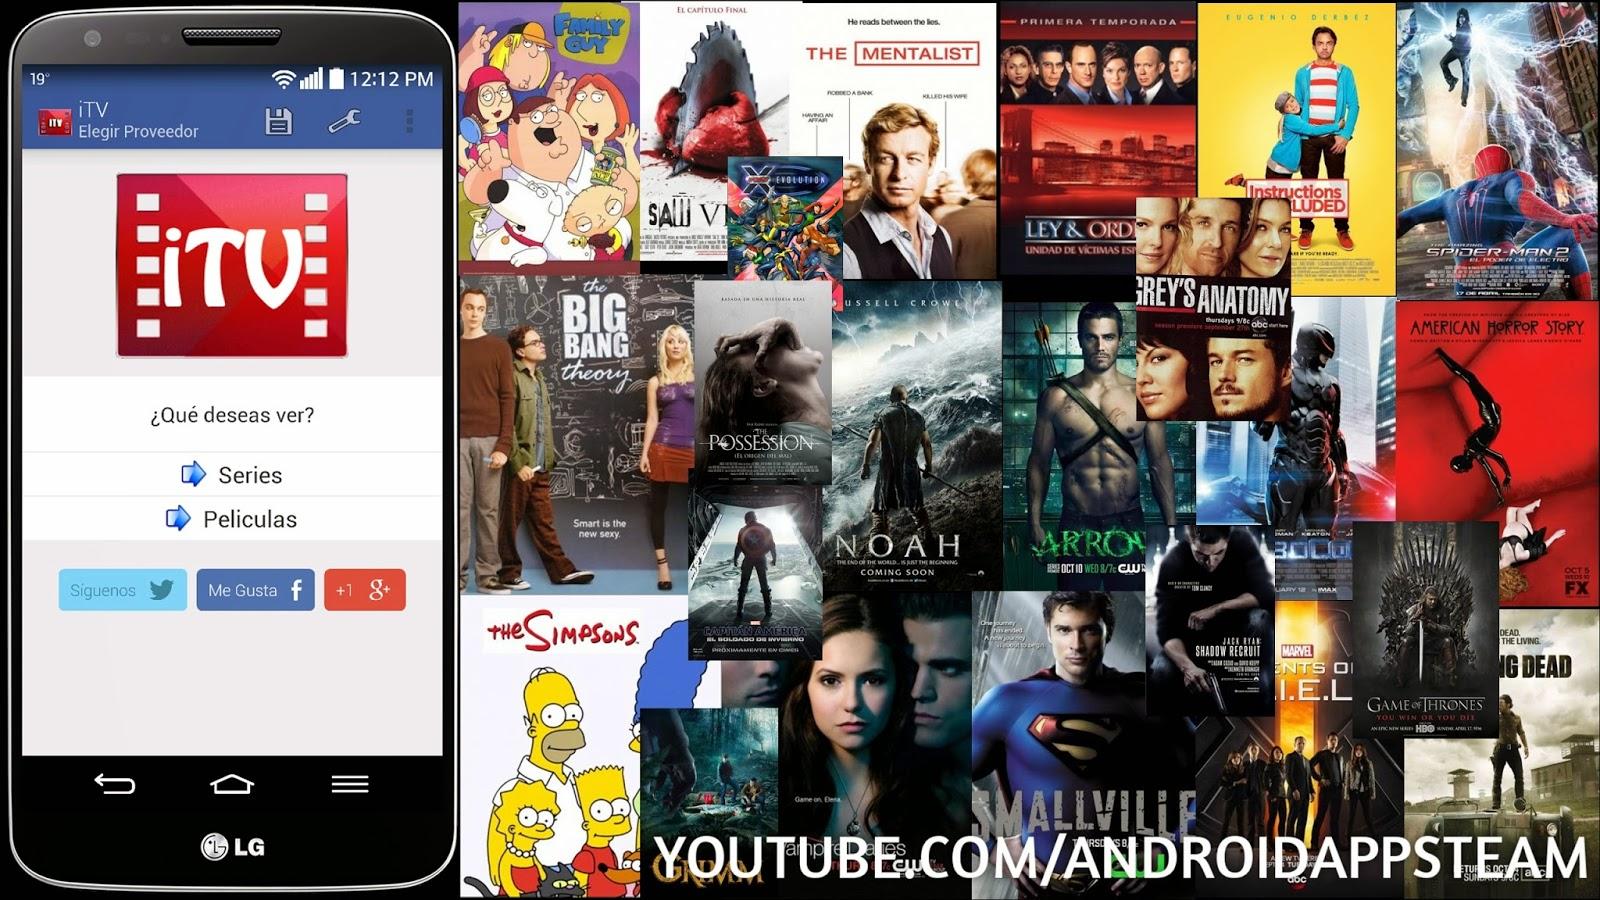 Aplicaciones Android: iTV (Peliculas y Series) v1 3 [APK]